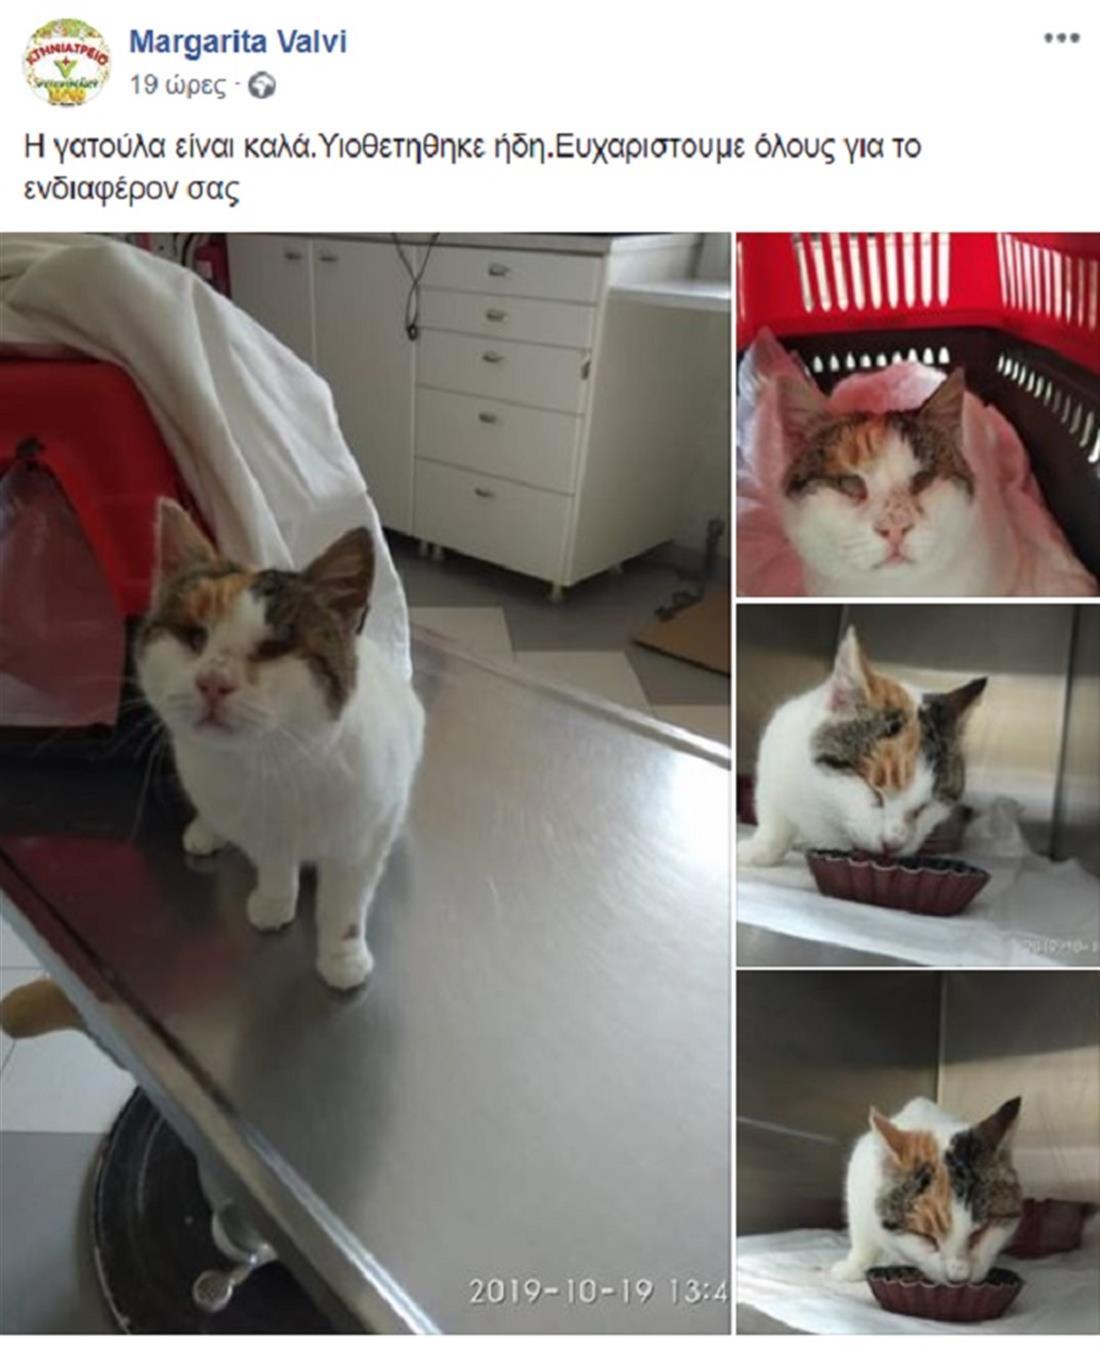 Γάτα - Κακοποίηση - Φολέγανδρος - Σαντορίνη